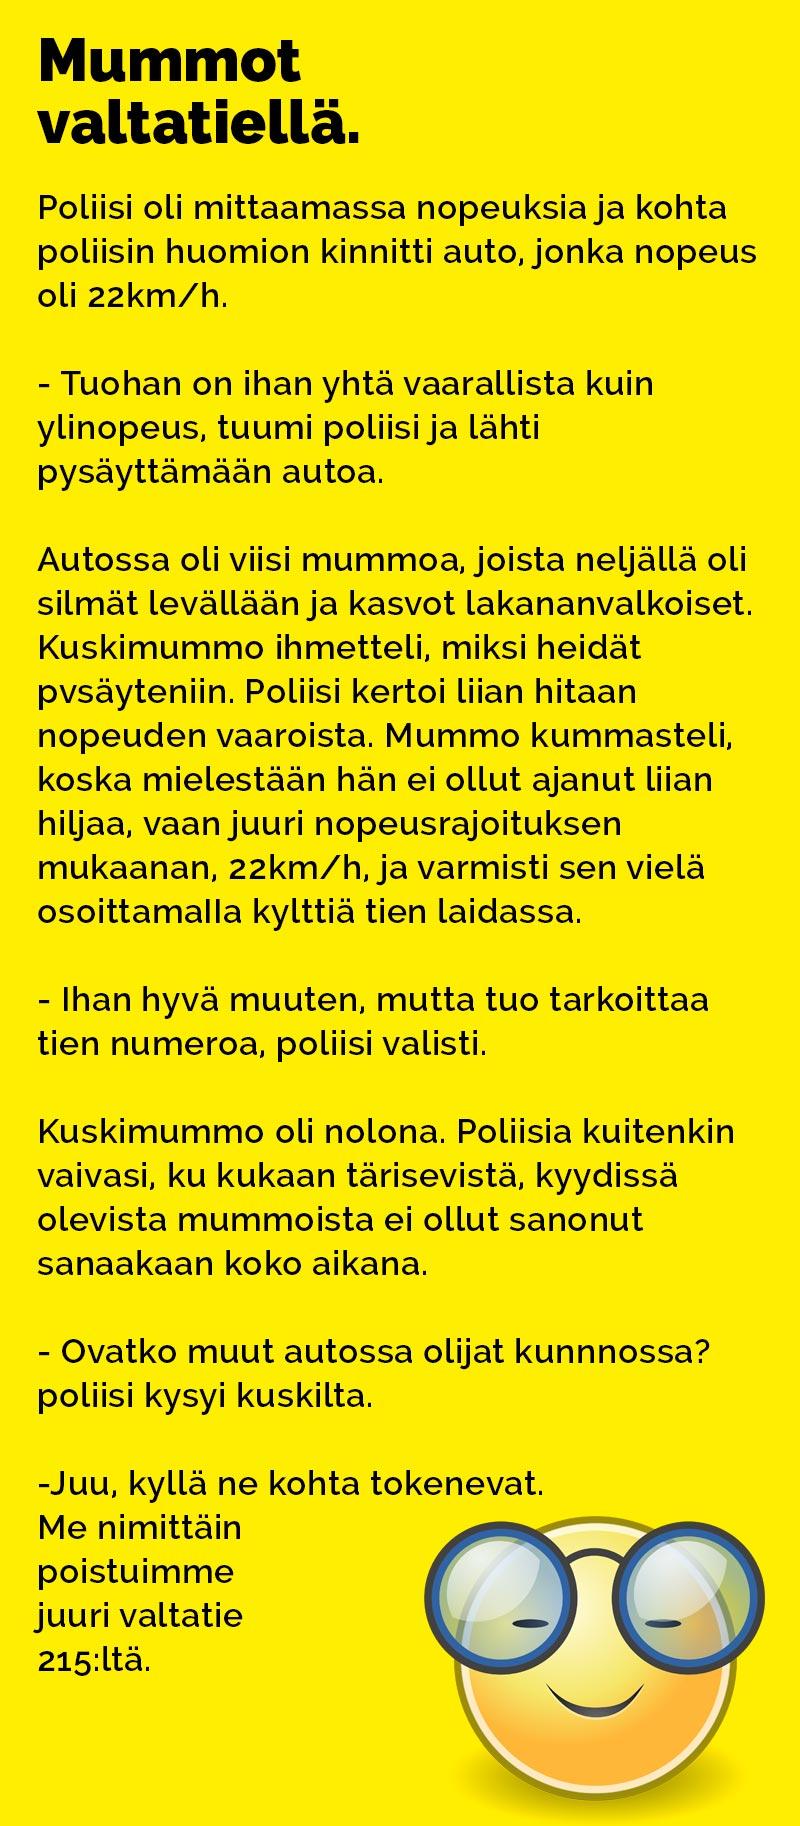 vitsit_mummot_valtatiella_2